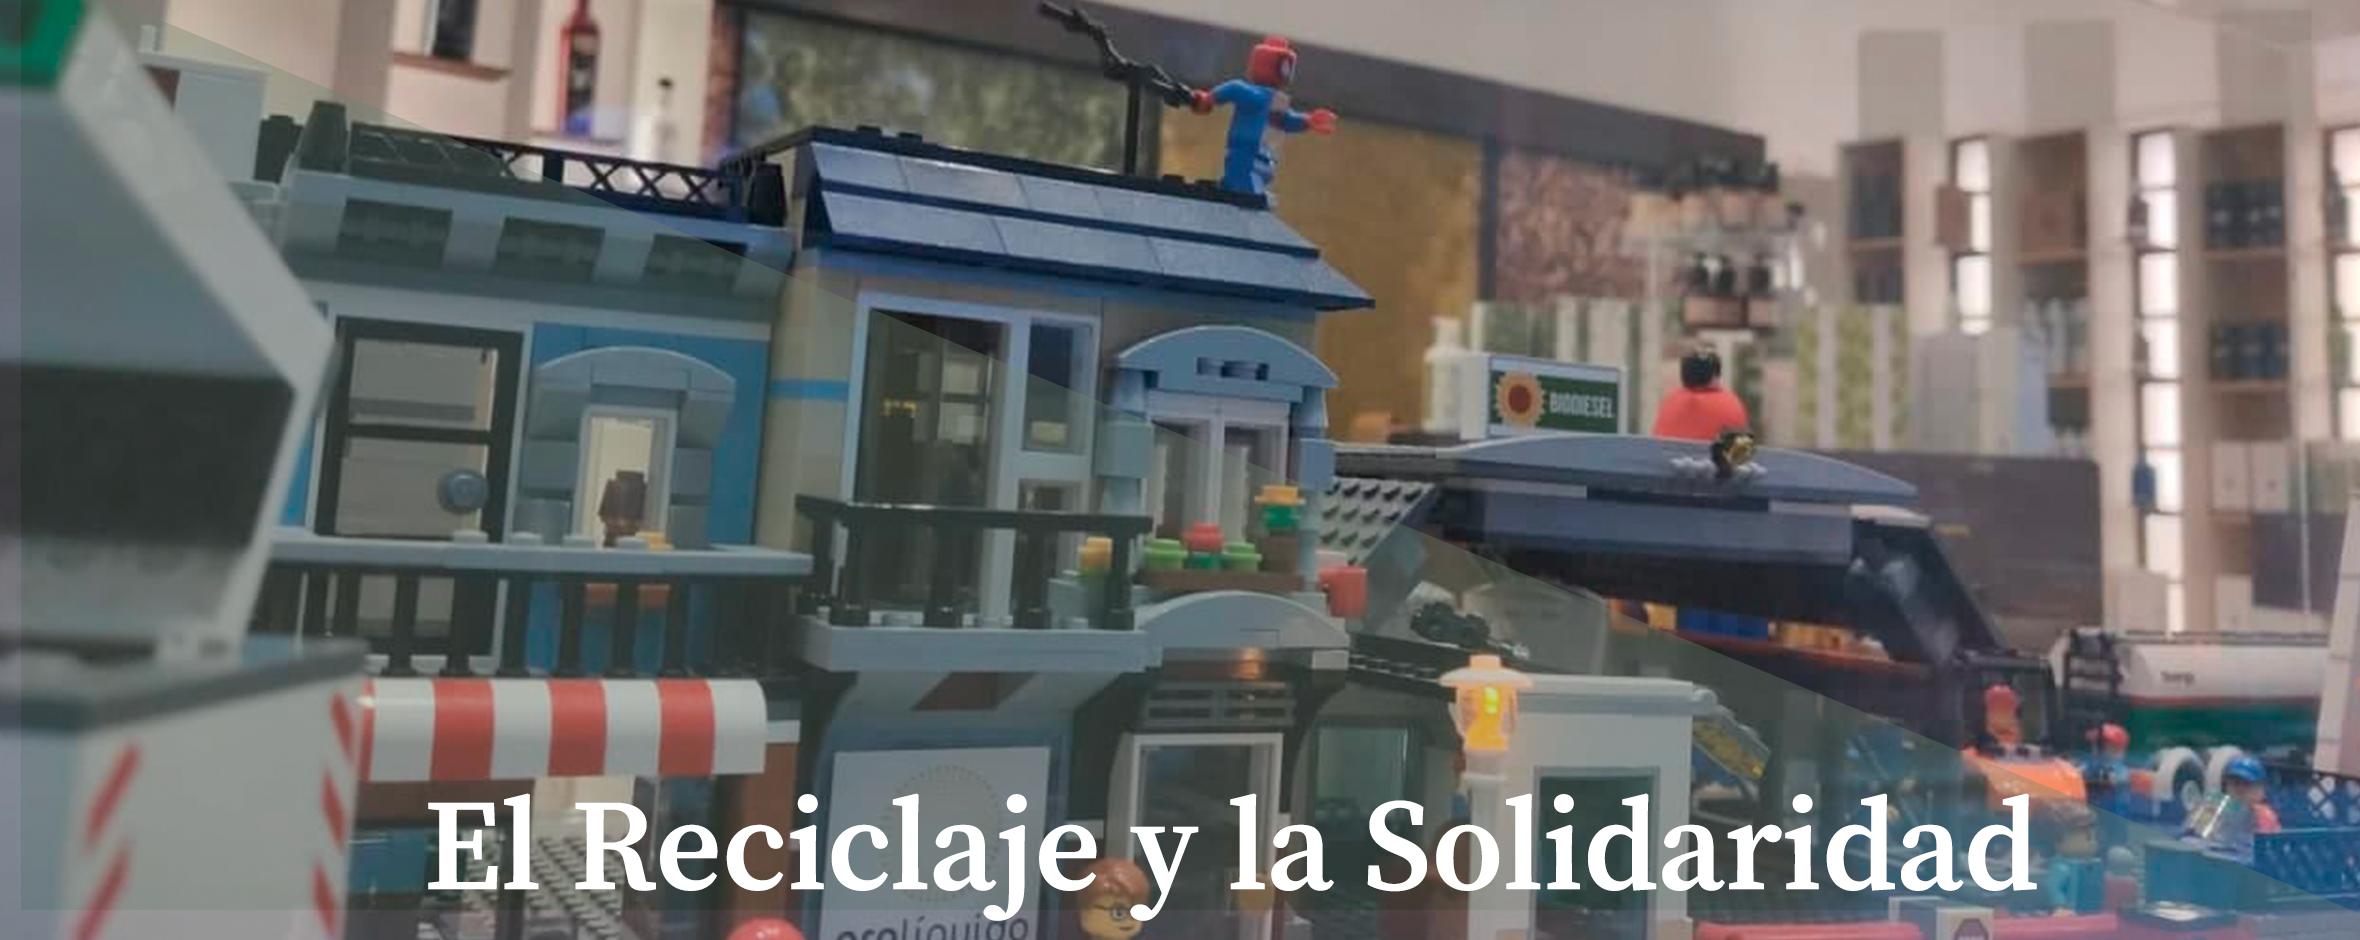 El reciclaje y la Solidaridad